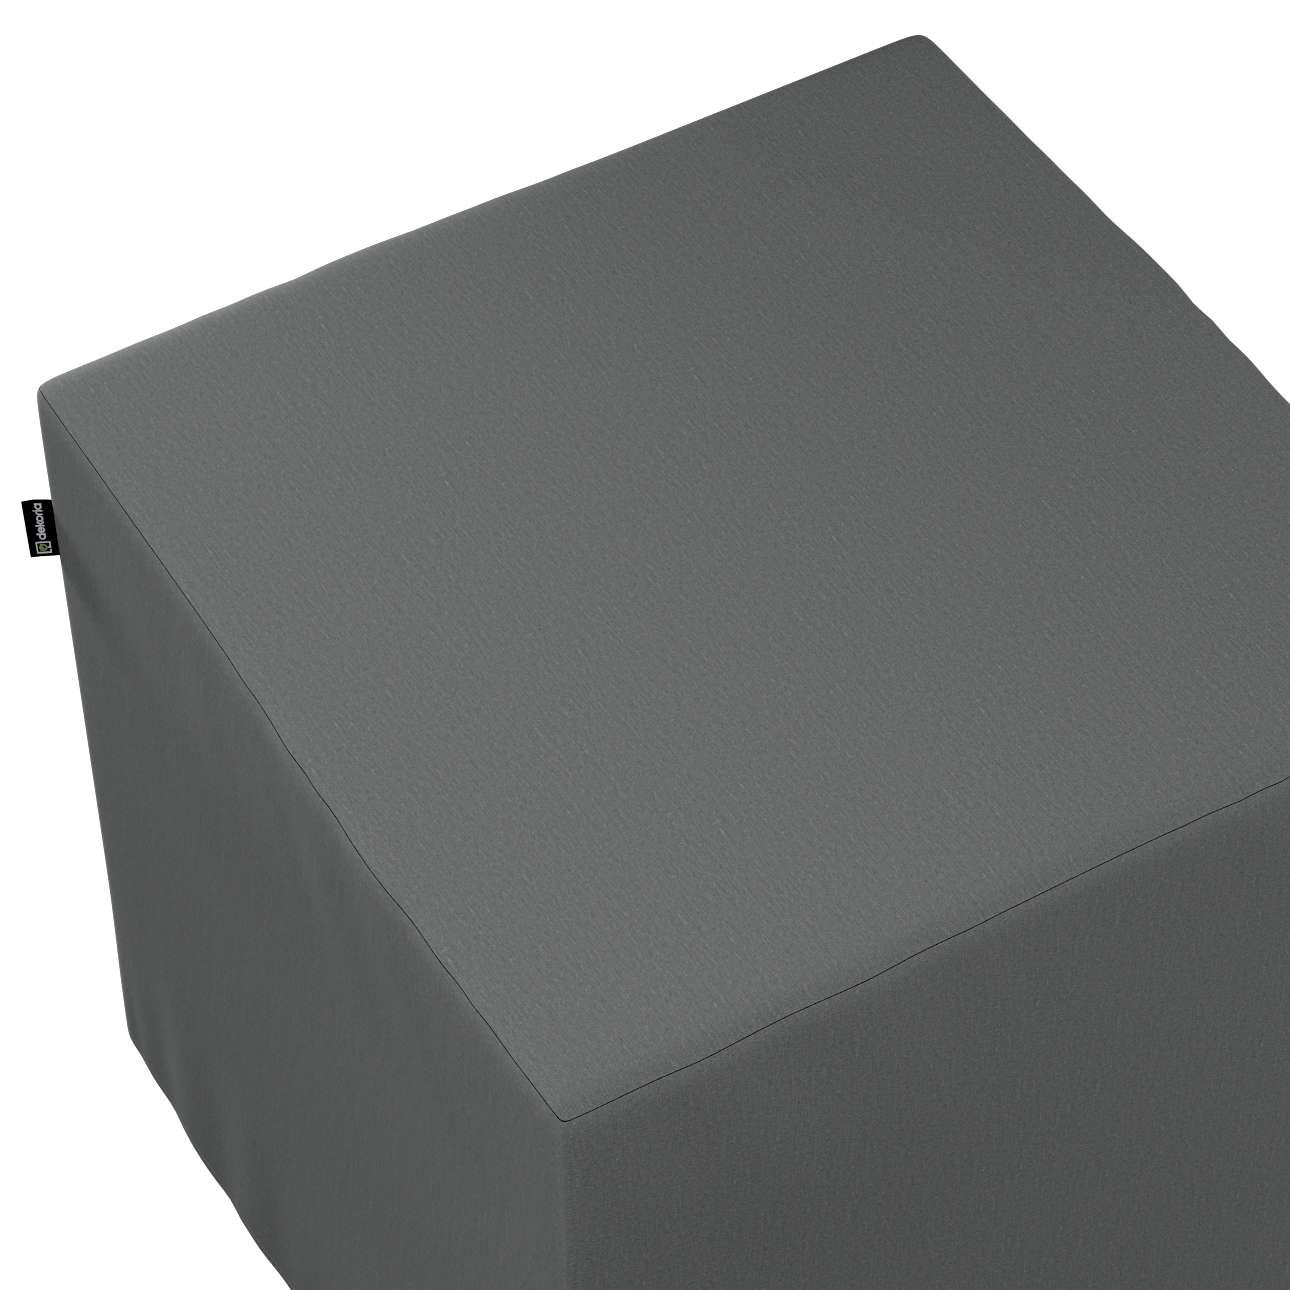 Pokrowiec na pufę kostkę w kolekcji Quadro, tkanina: 136-14